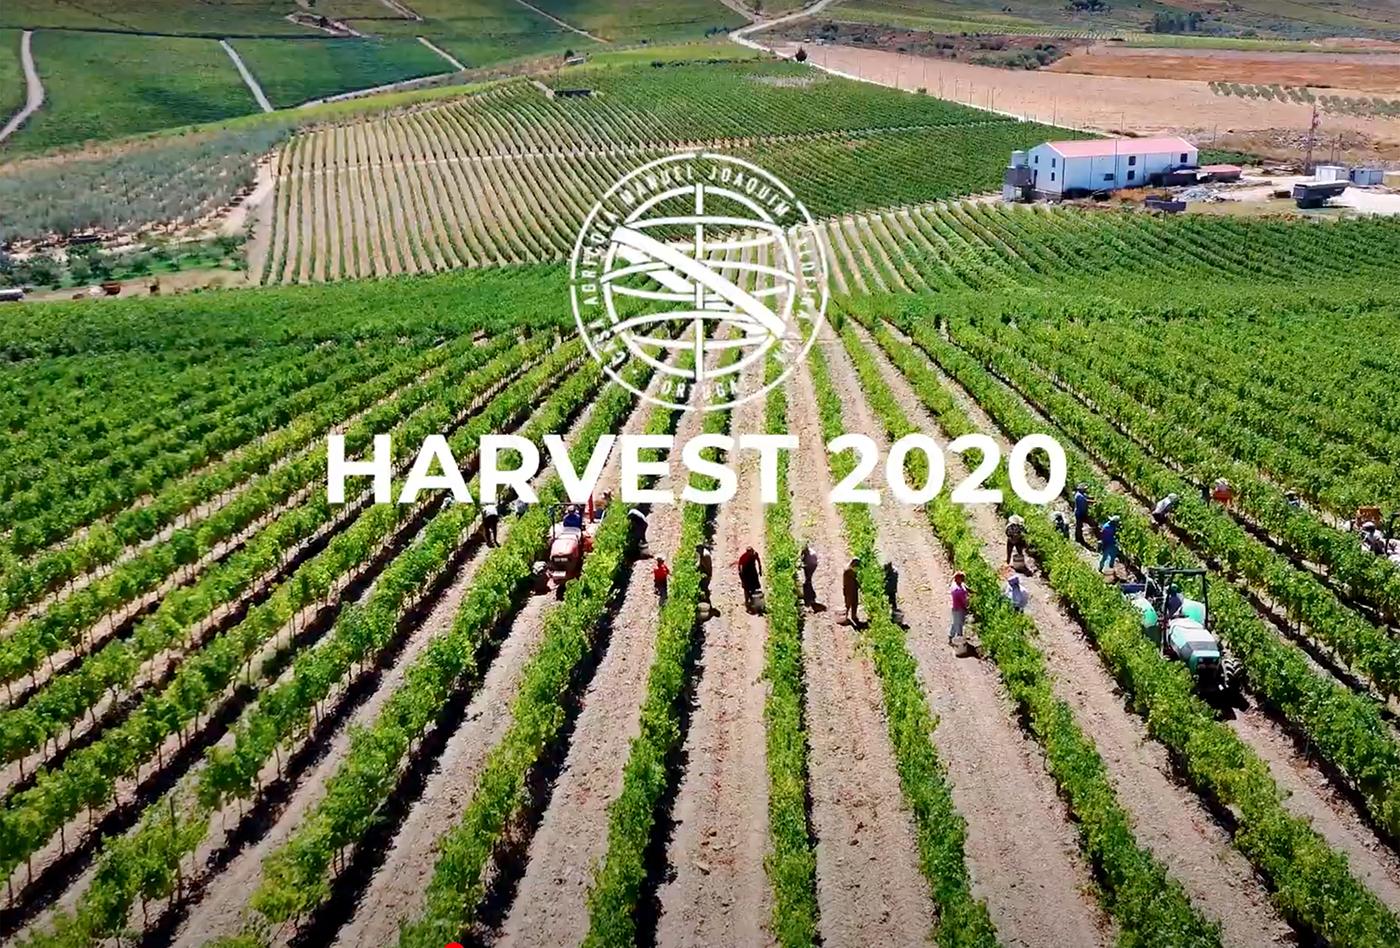 Harvest 2020 I Quinta dos Castelares